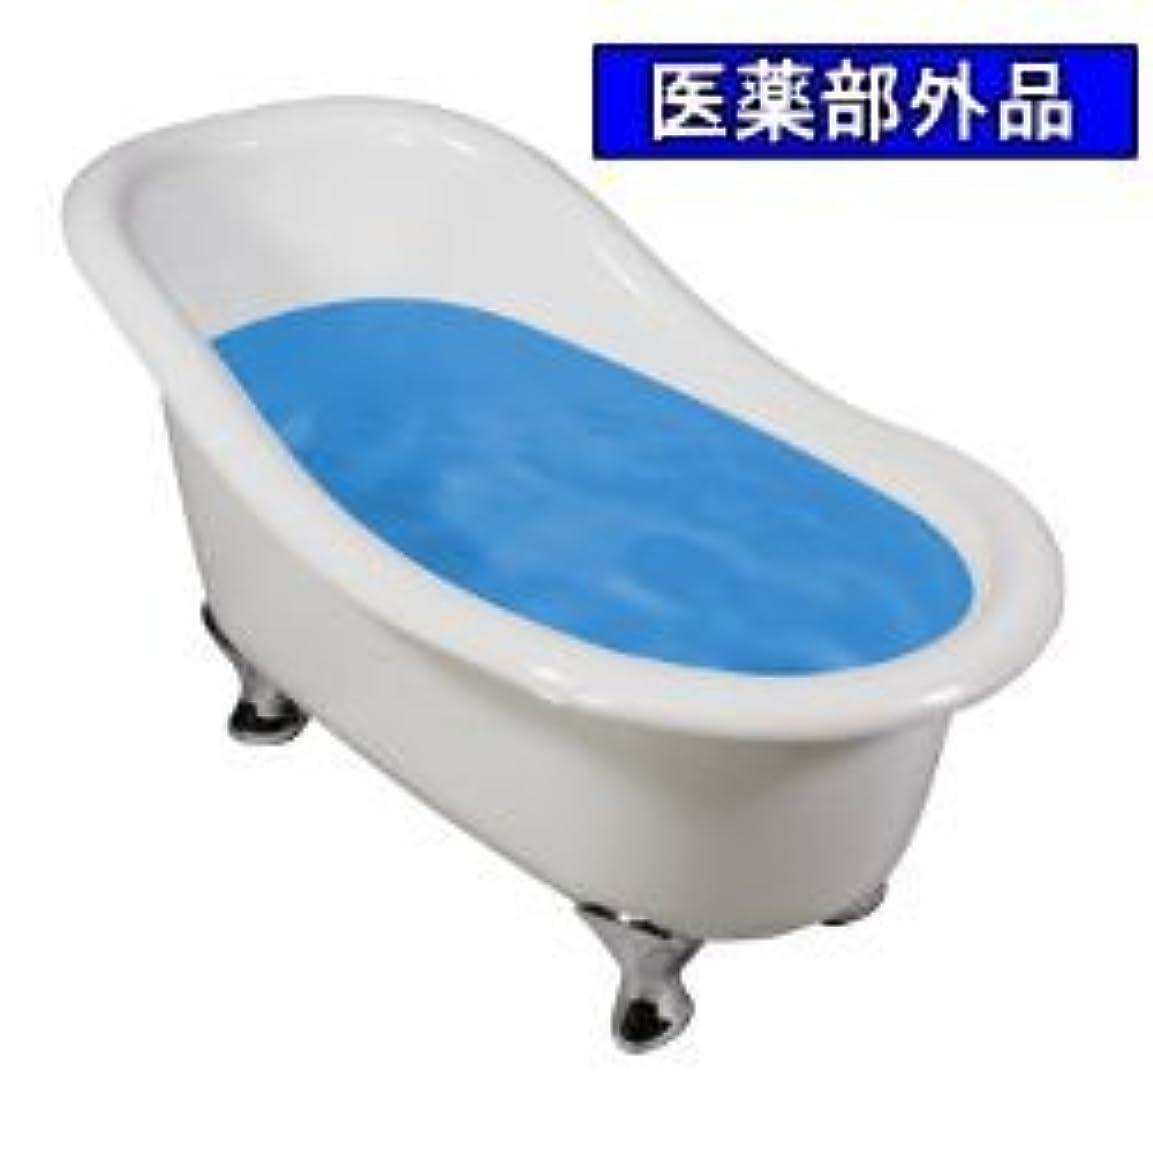 規範国籍きつく業務用薬用入浴剤バスフレンド 森林浴 17kg 医薬部外品